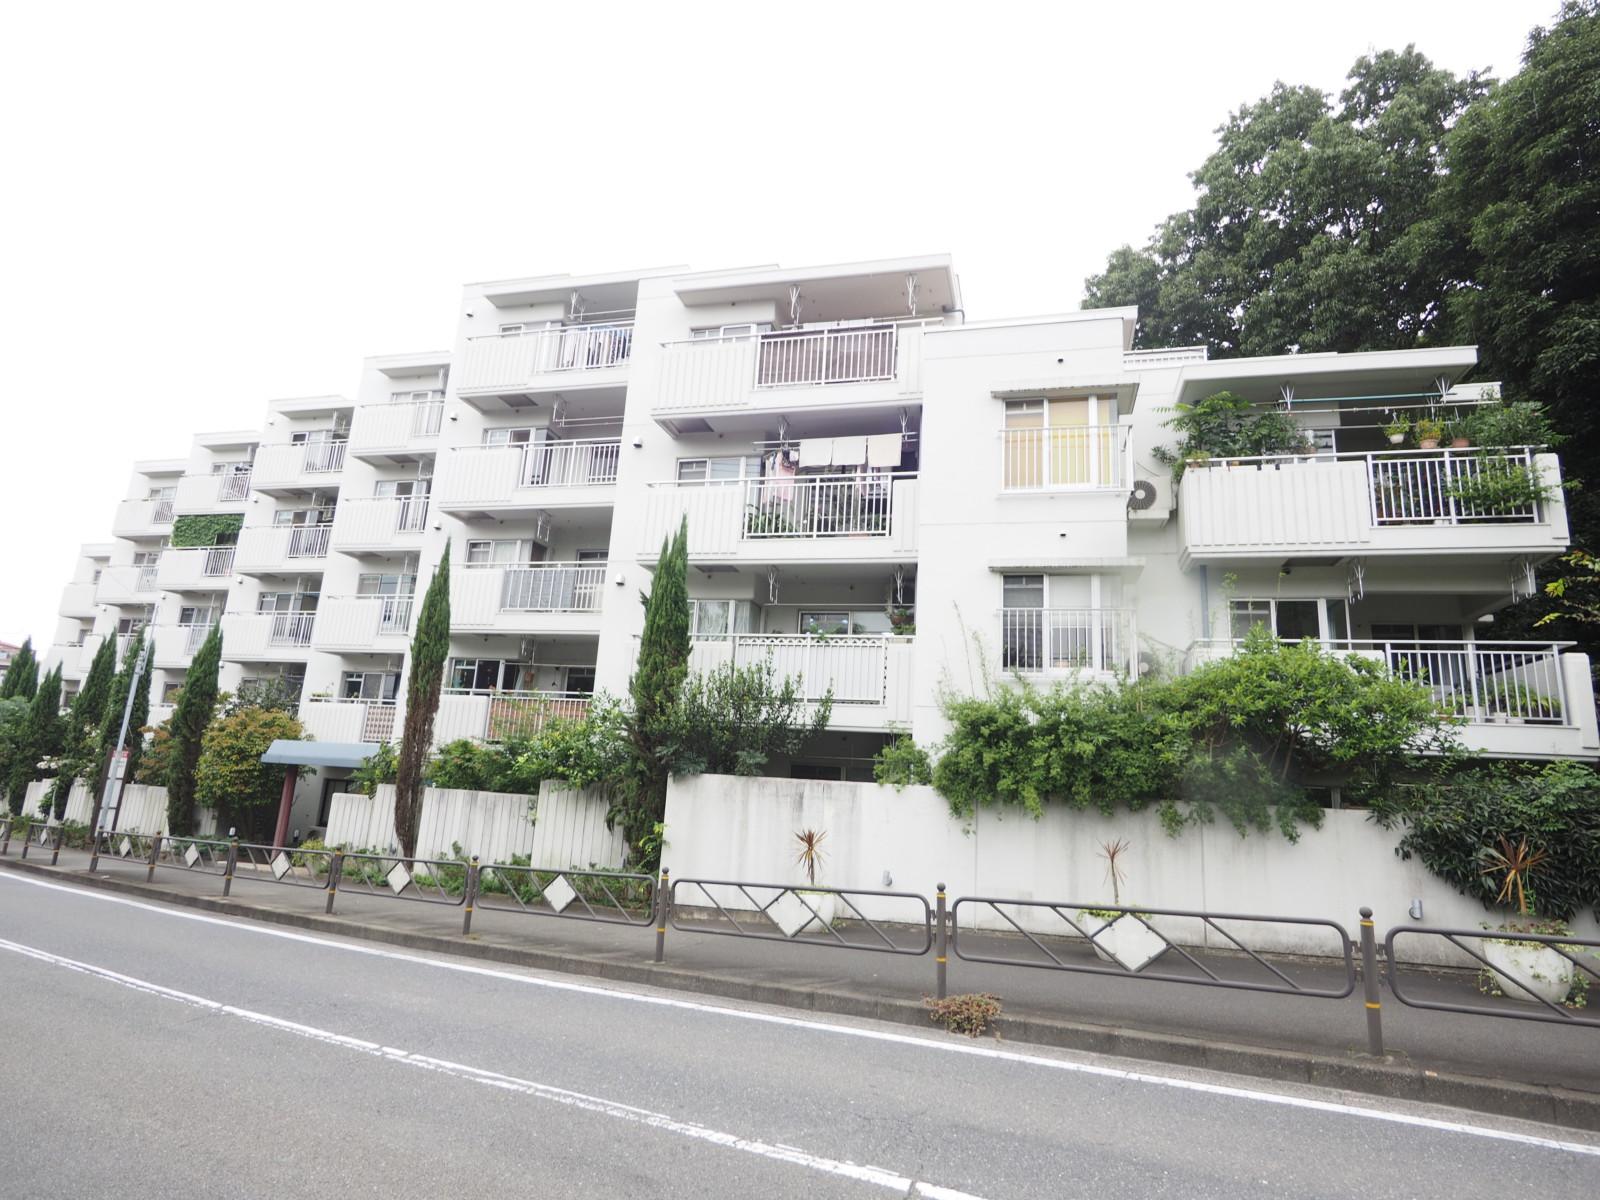 京王線のおしゃれな街仙川 パティオ仙川東館3,780万円 イメージ